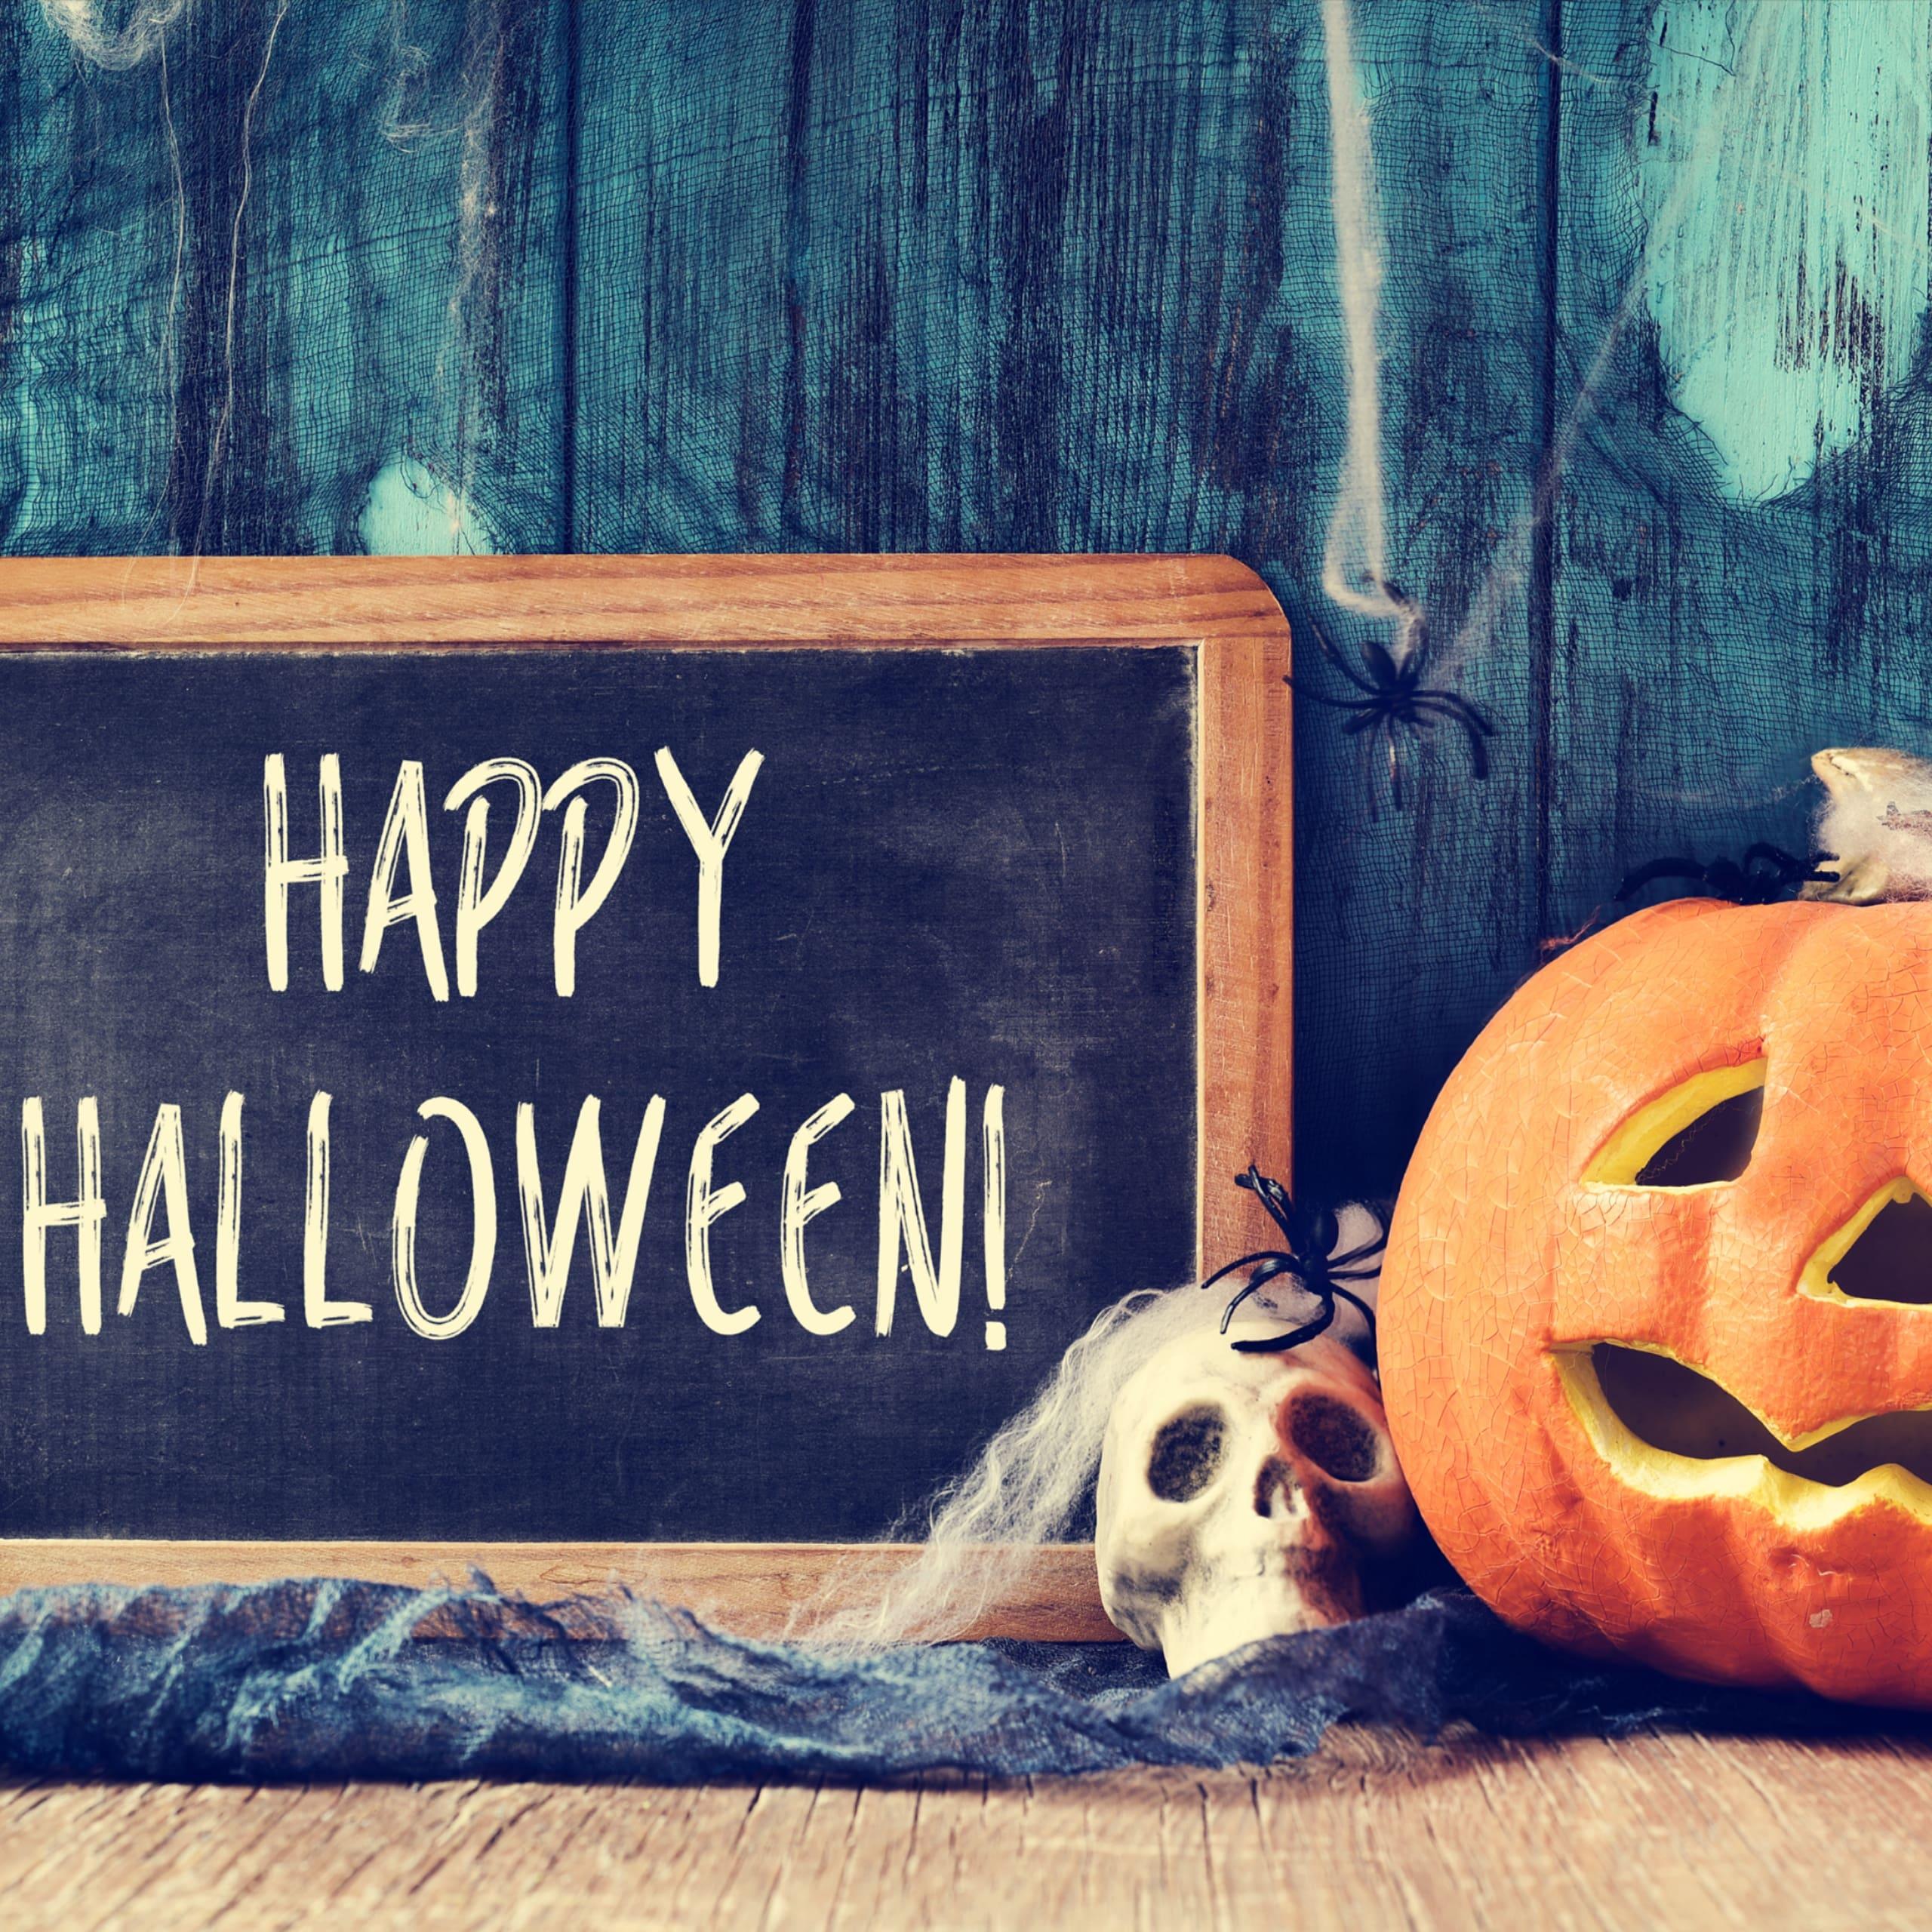 Last Minute Spooky Halloween Activities